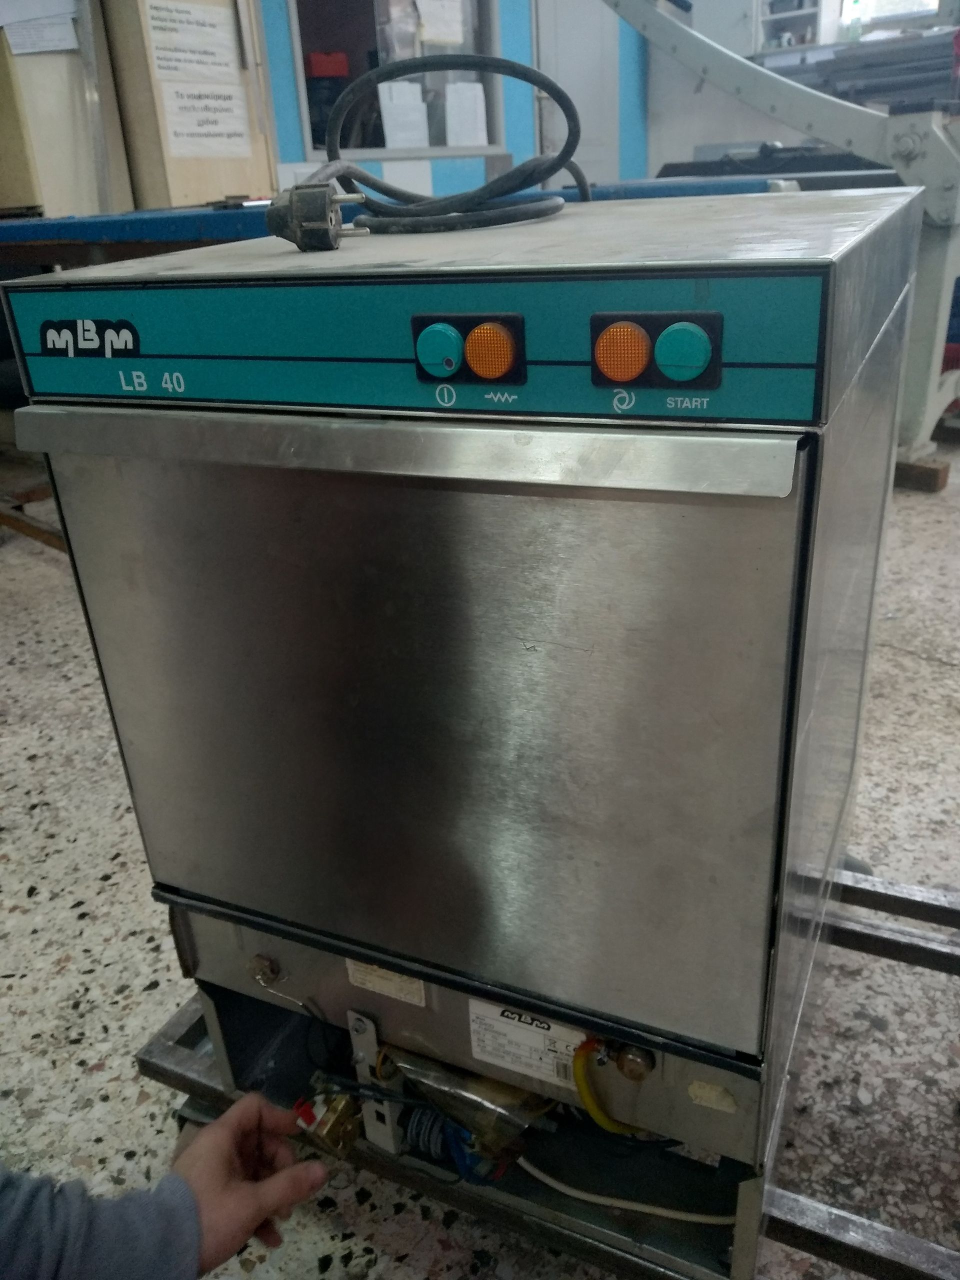 Πλυντήριο πιάτων ποτηριών επαγγελματικό ΜΒΜ LB40 καλάθι 40Χ40 σε άριστη κατάσταση